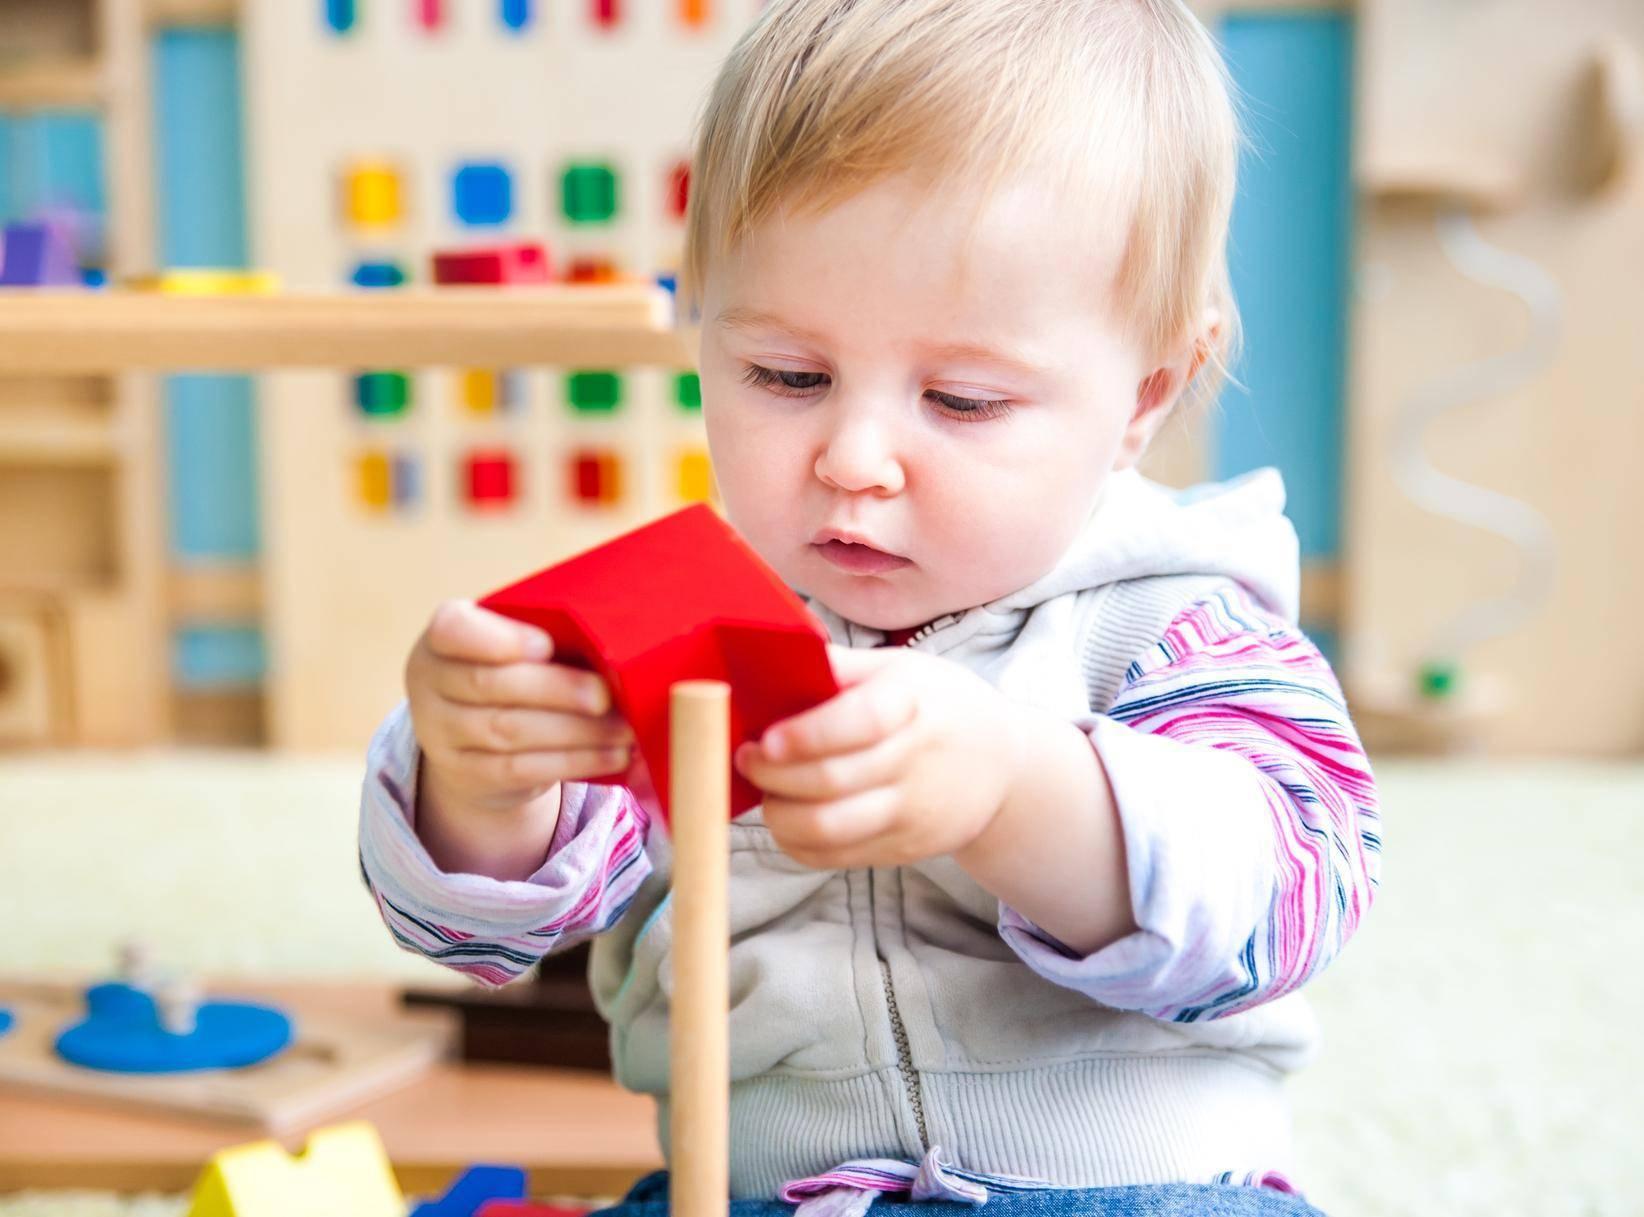 Раннее развитие детей в повседневной жизни  - от рождения до семи месяцев. методики раннего развития